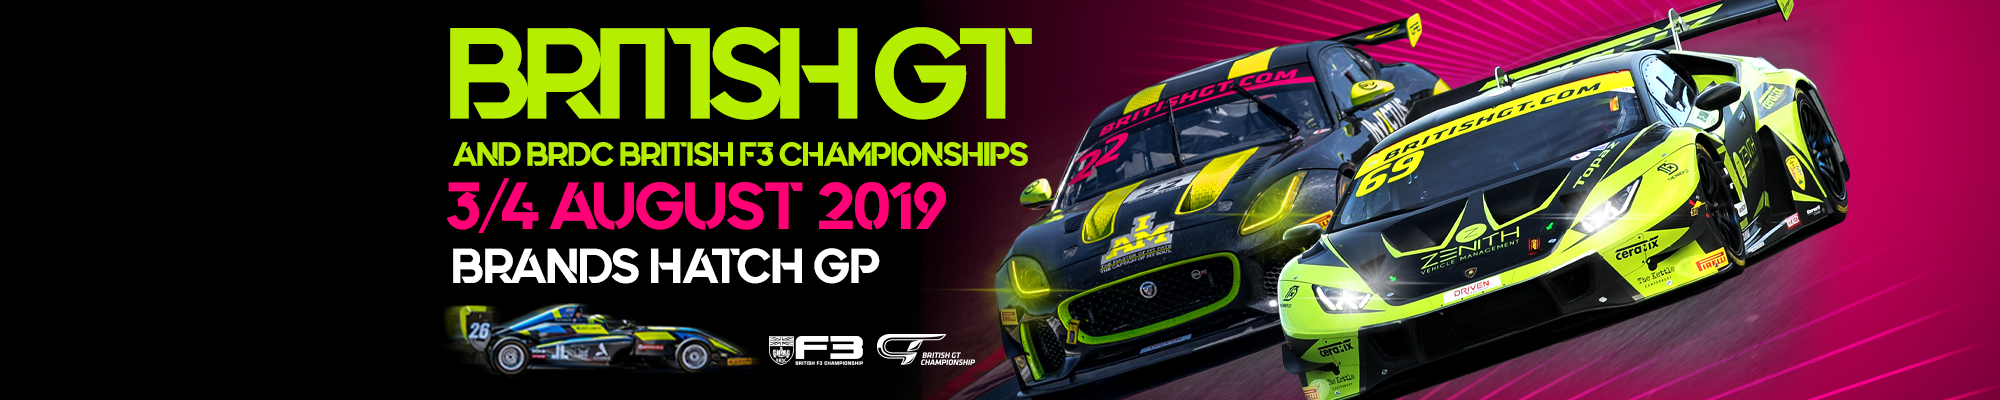 British GT & British F3 Championships